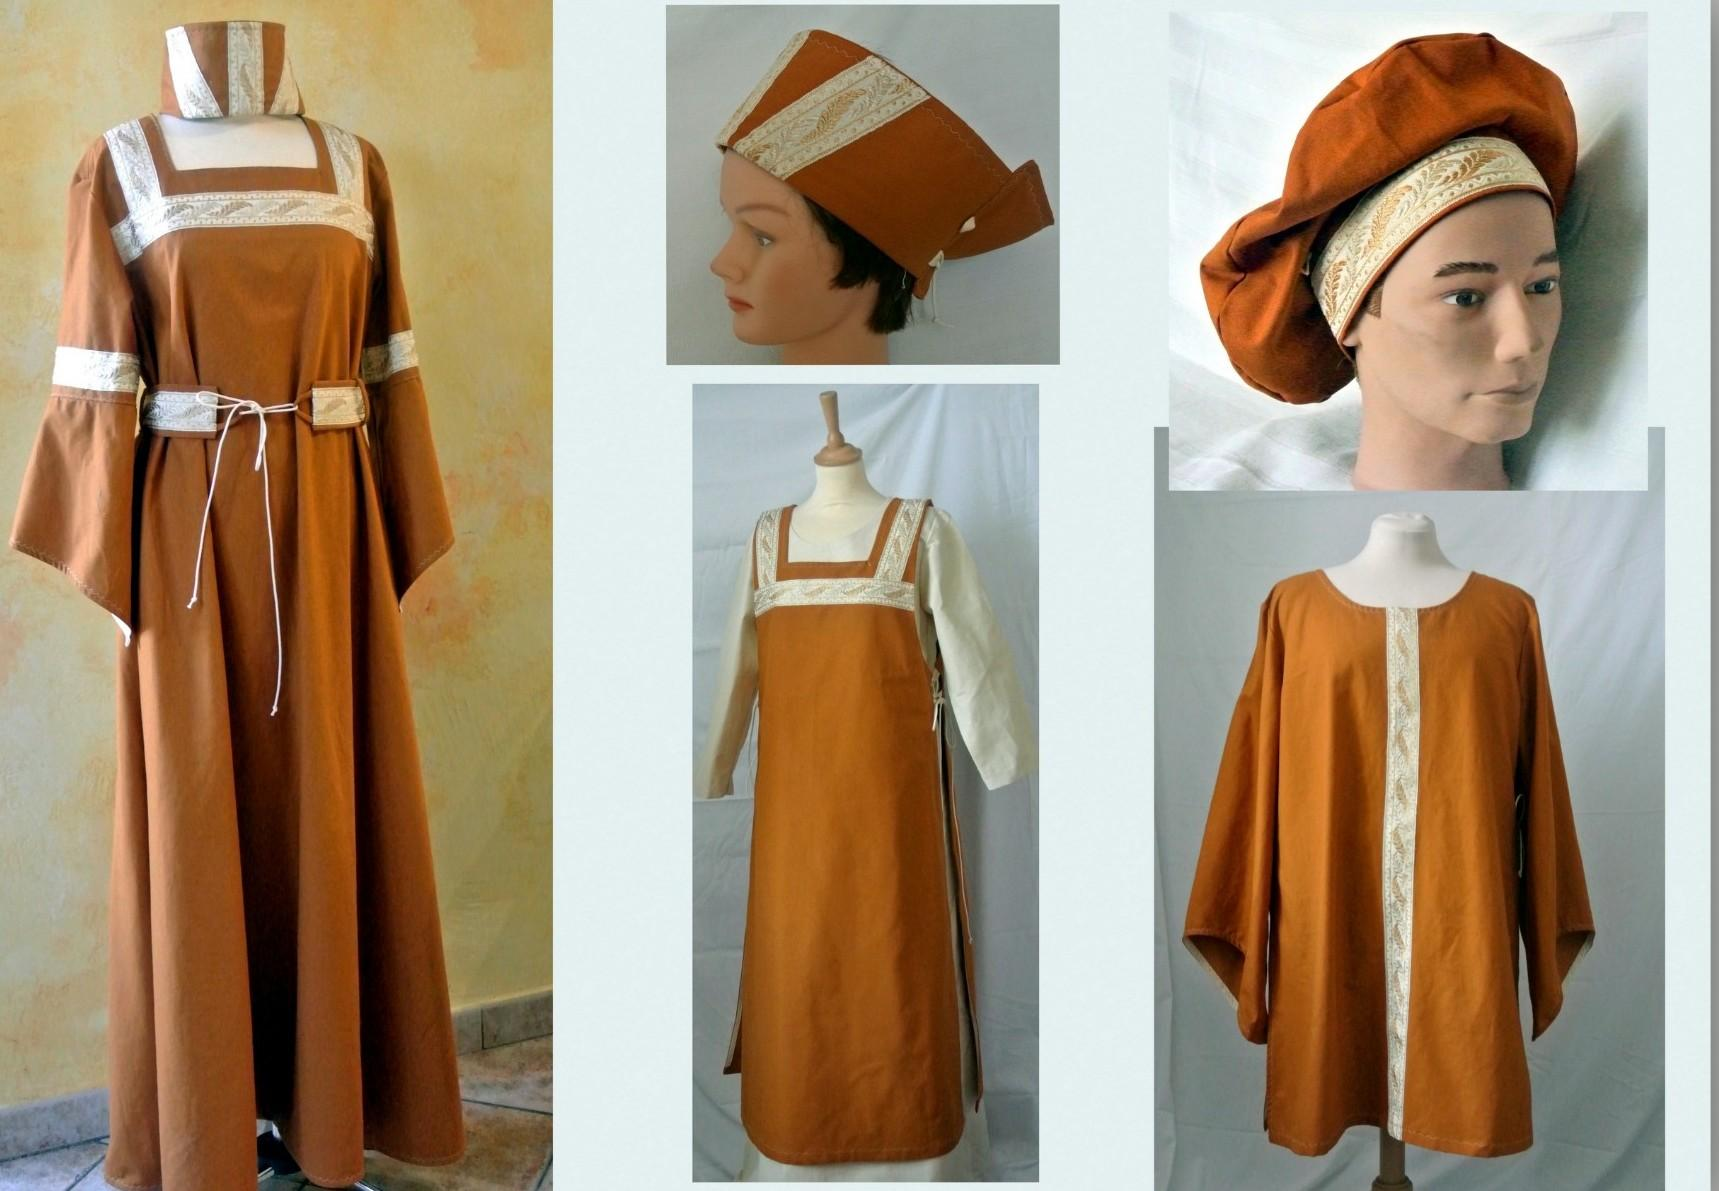 Robe et tunique médiévales.